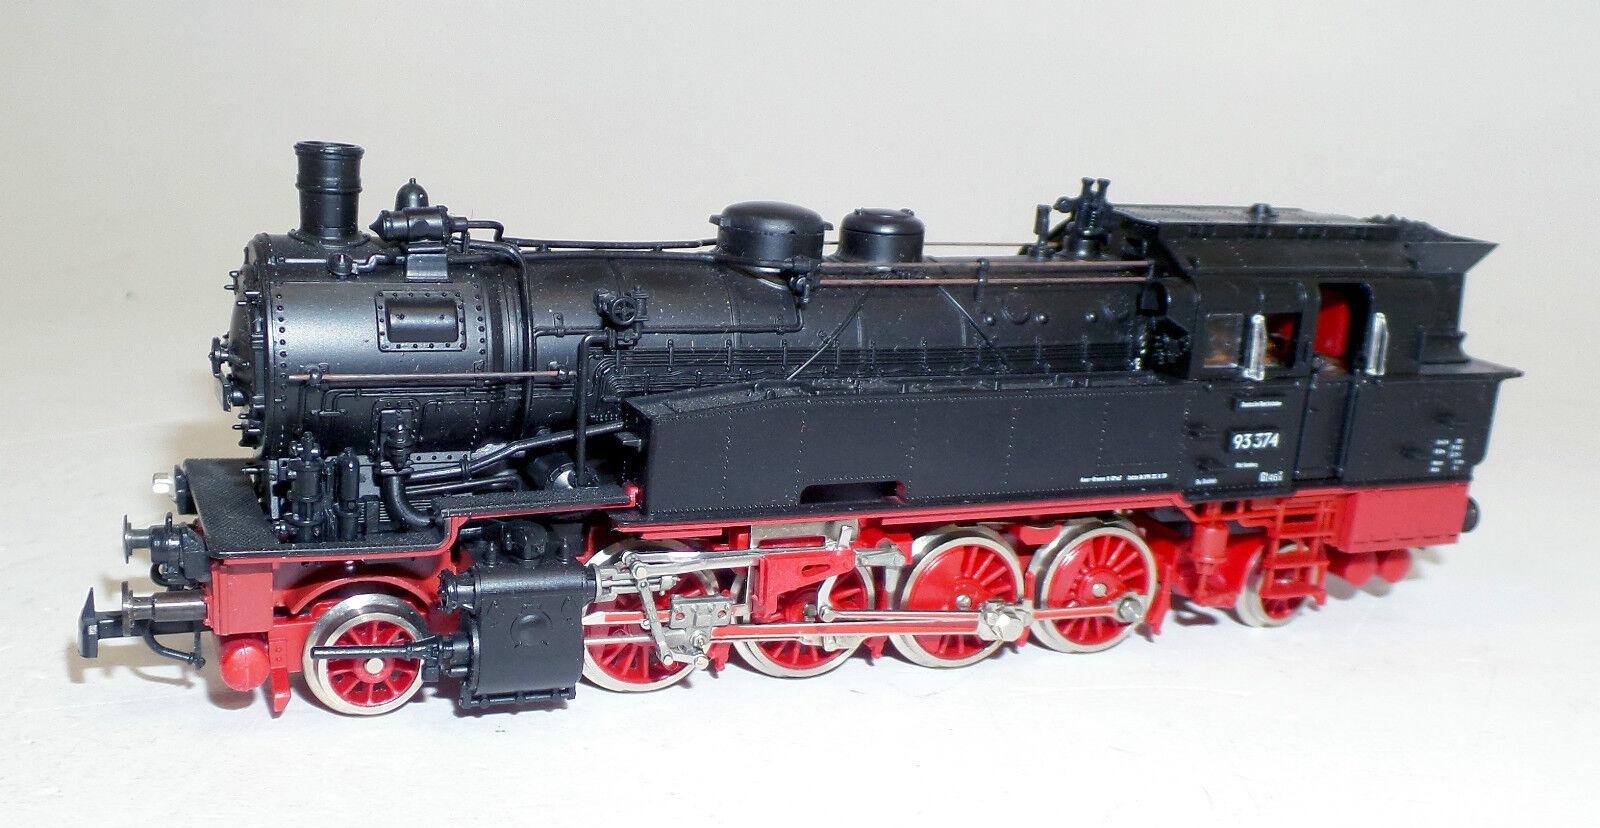 Roco h0 4122a, máquina de vapor br 93 Dr, locomotora 93-374 (w4318) O.